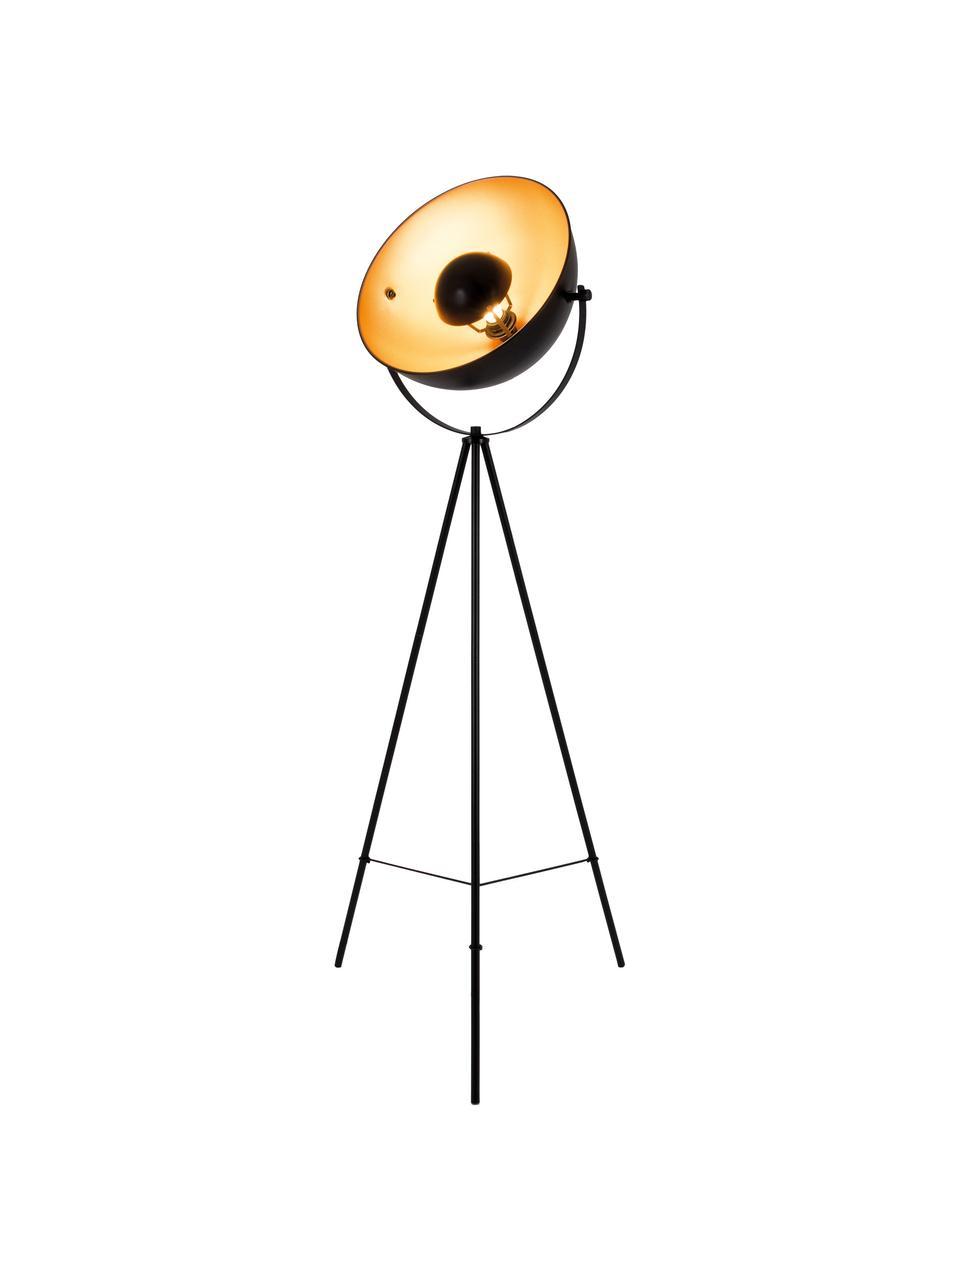 Lampa podłogowa trójnóg Bernice, Czarny, odcienie złotego, S 40 x W 150 cm